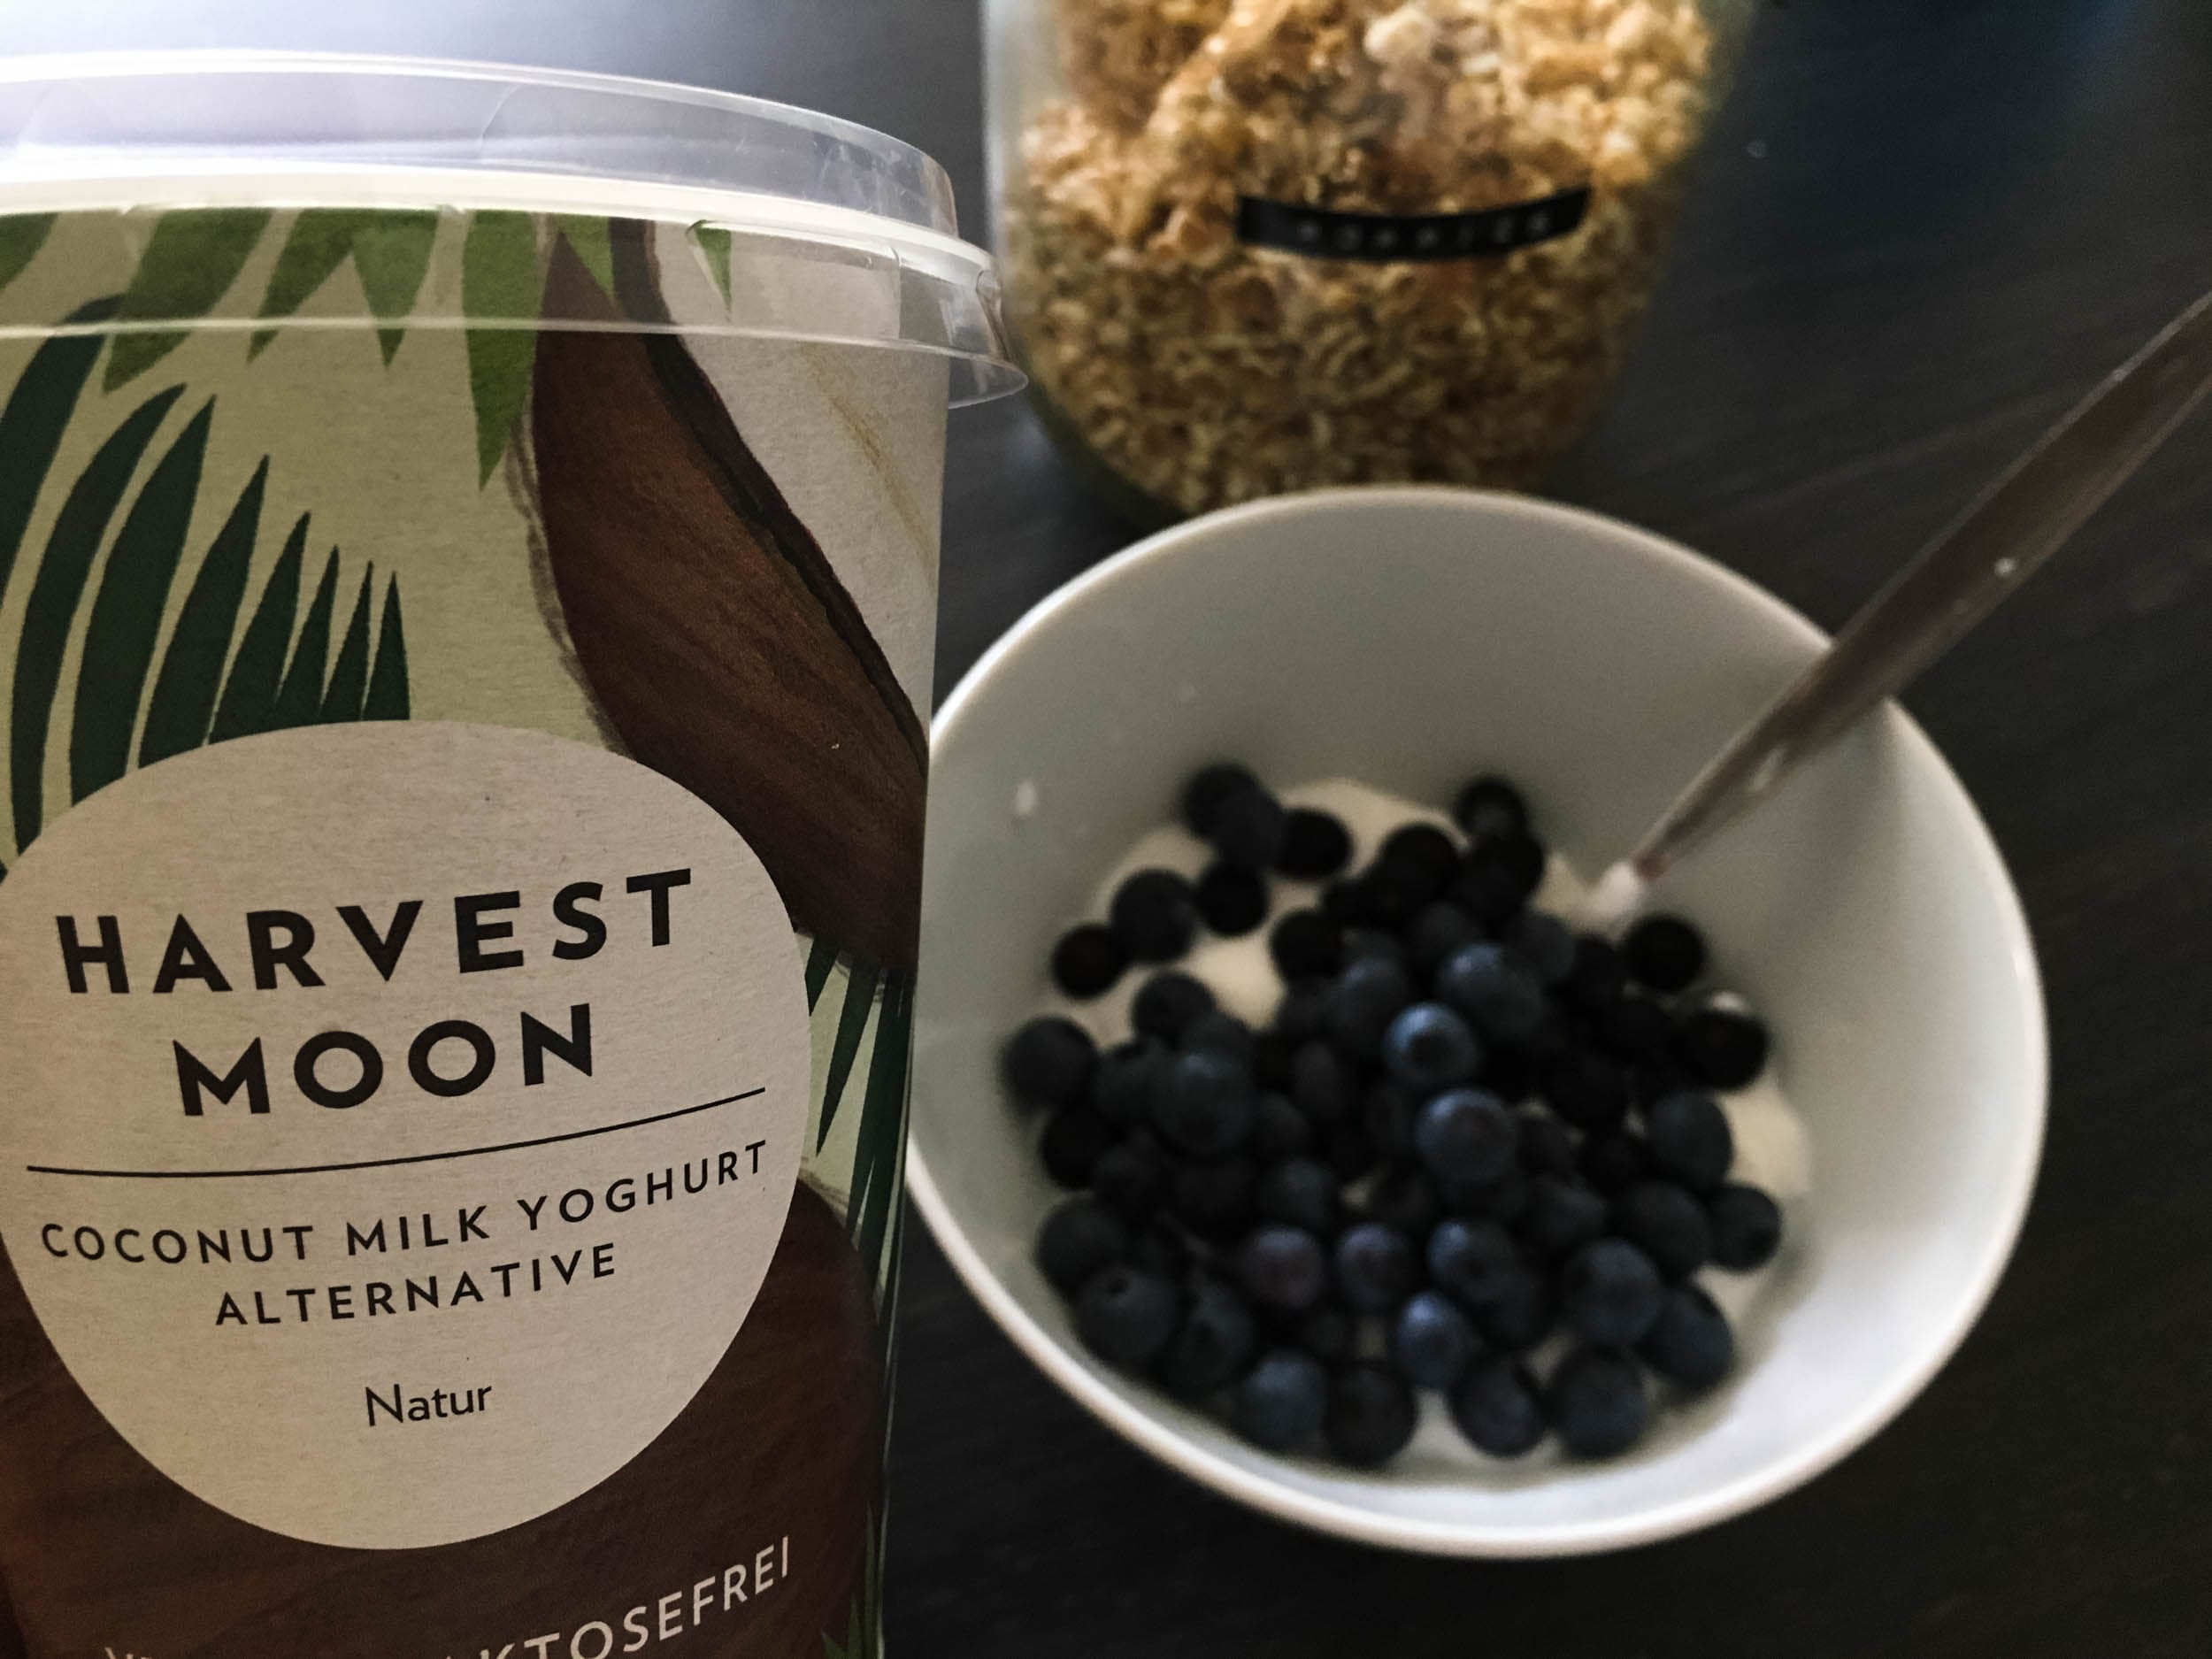 Kokosjoghurt von Harvest Moon mit Blaubeeren | ivy.li